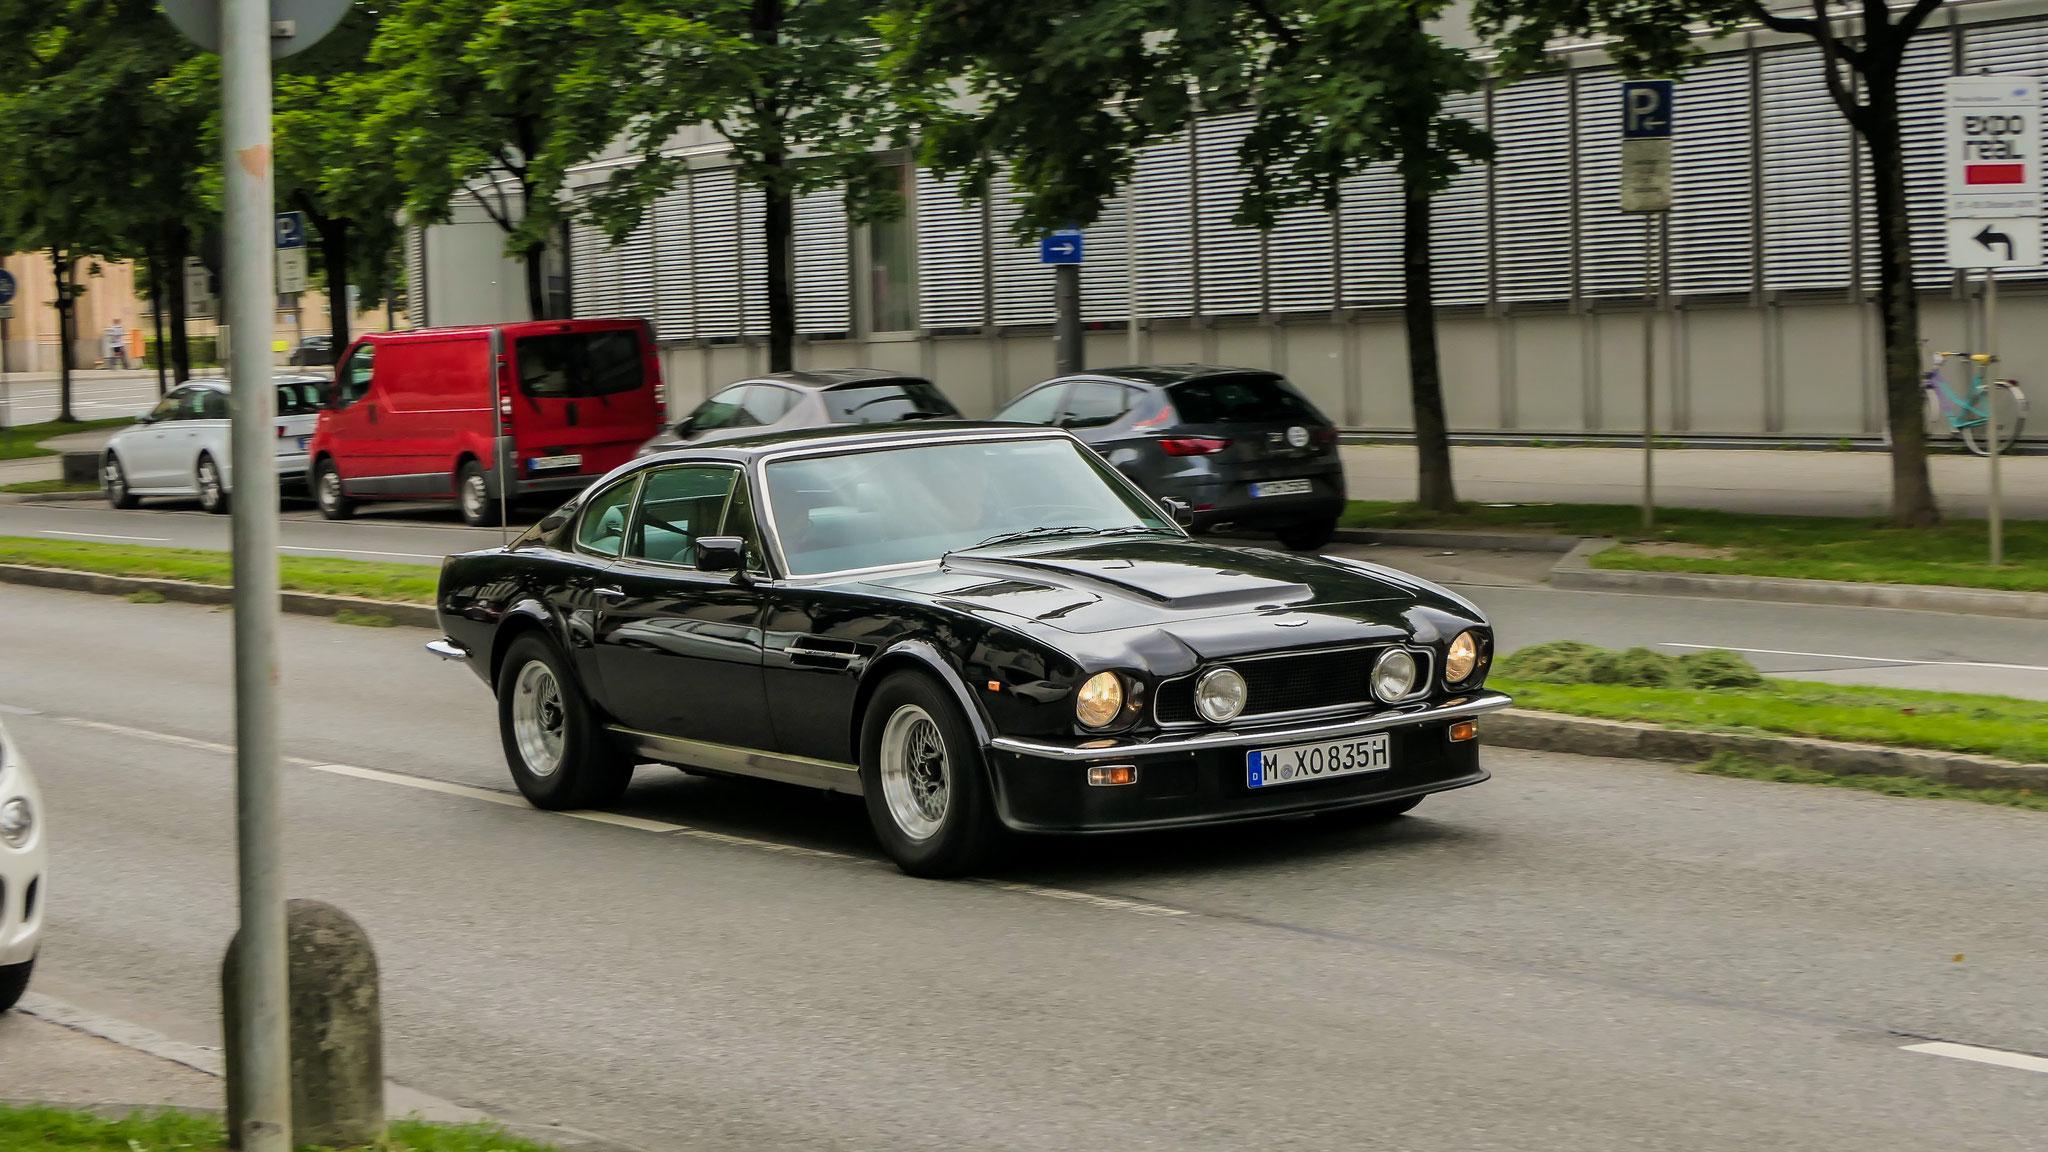 Aston Martin V8 Vantage - M-XO-835H